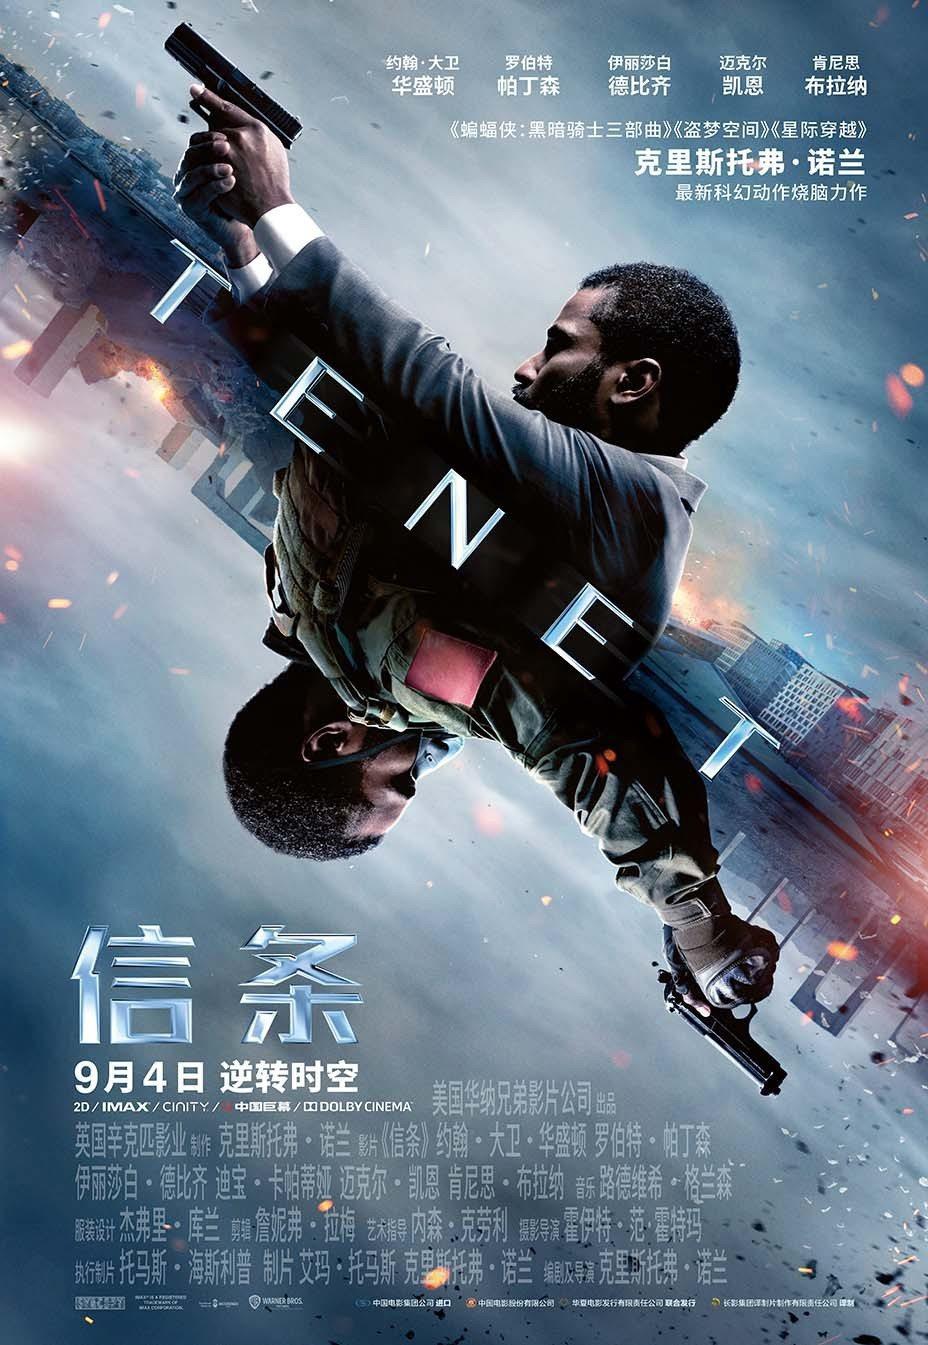 「天能」的中國大陸海報已註明9月4日上映。圖/摘自hollywoodreport...